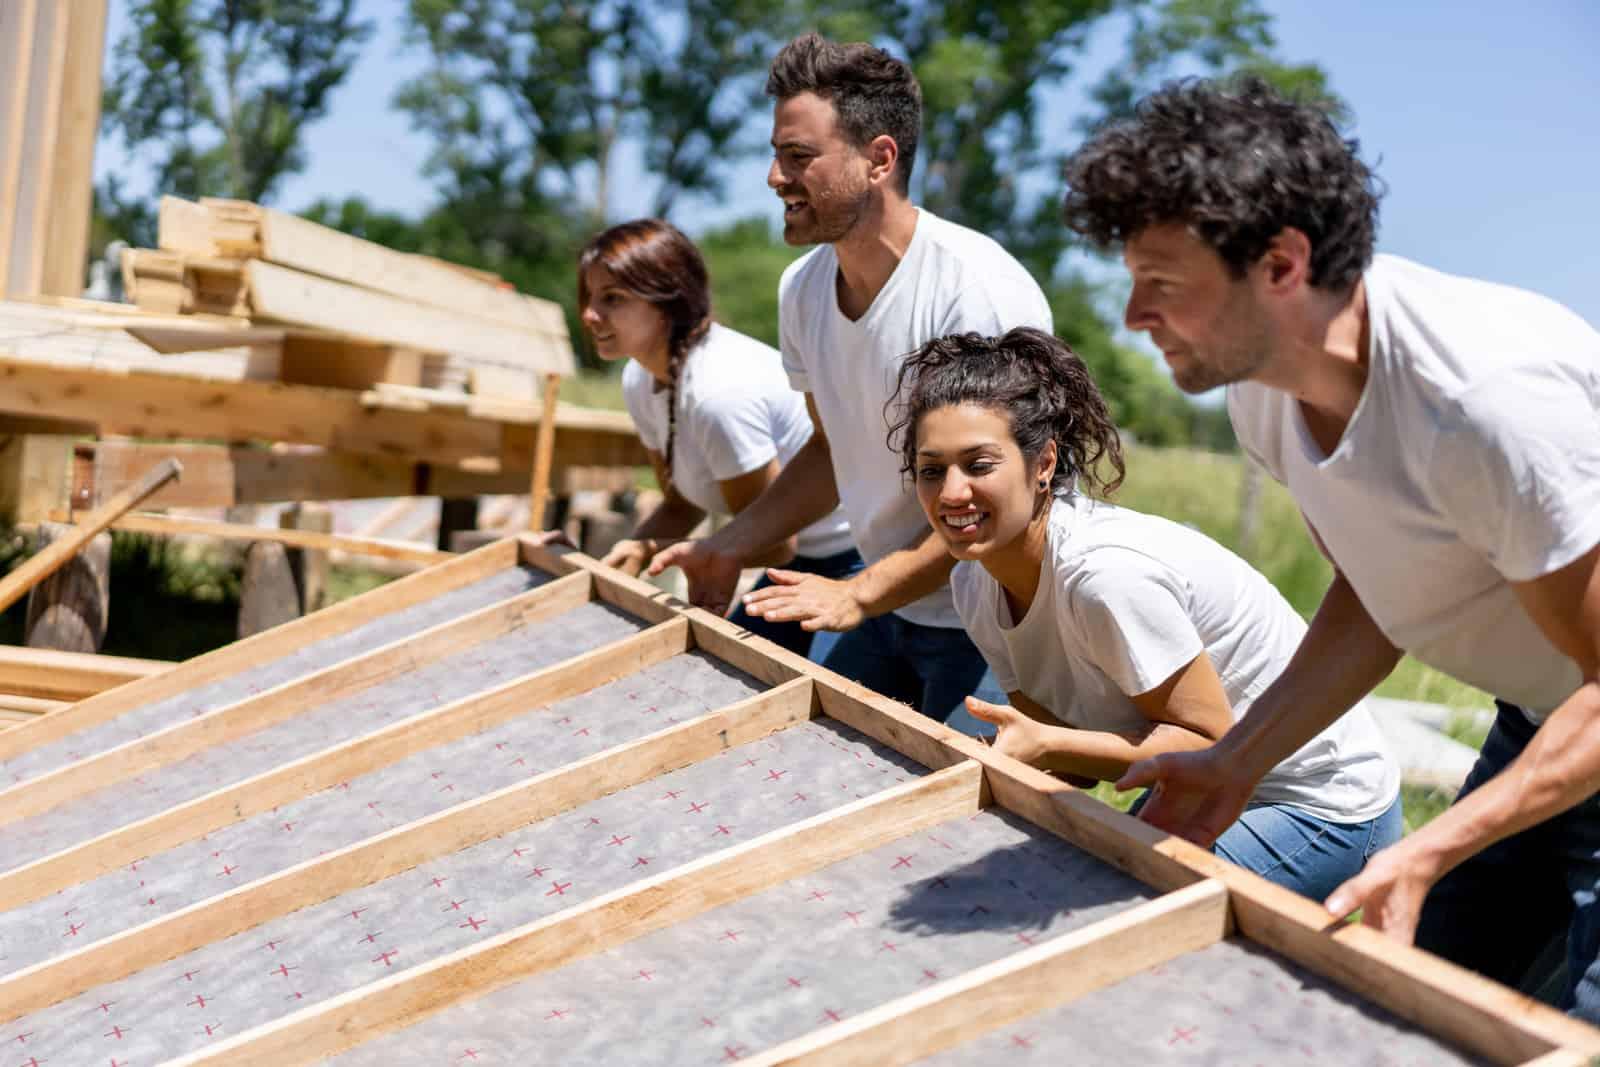 volunteers in the community